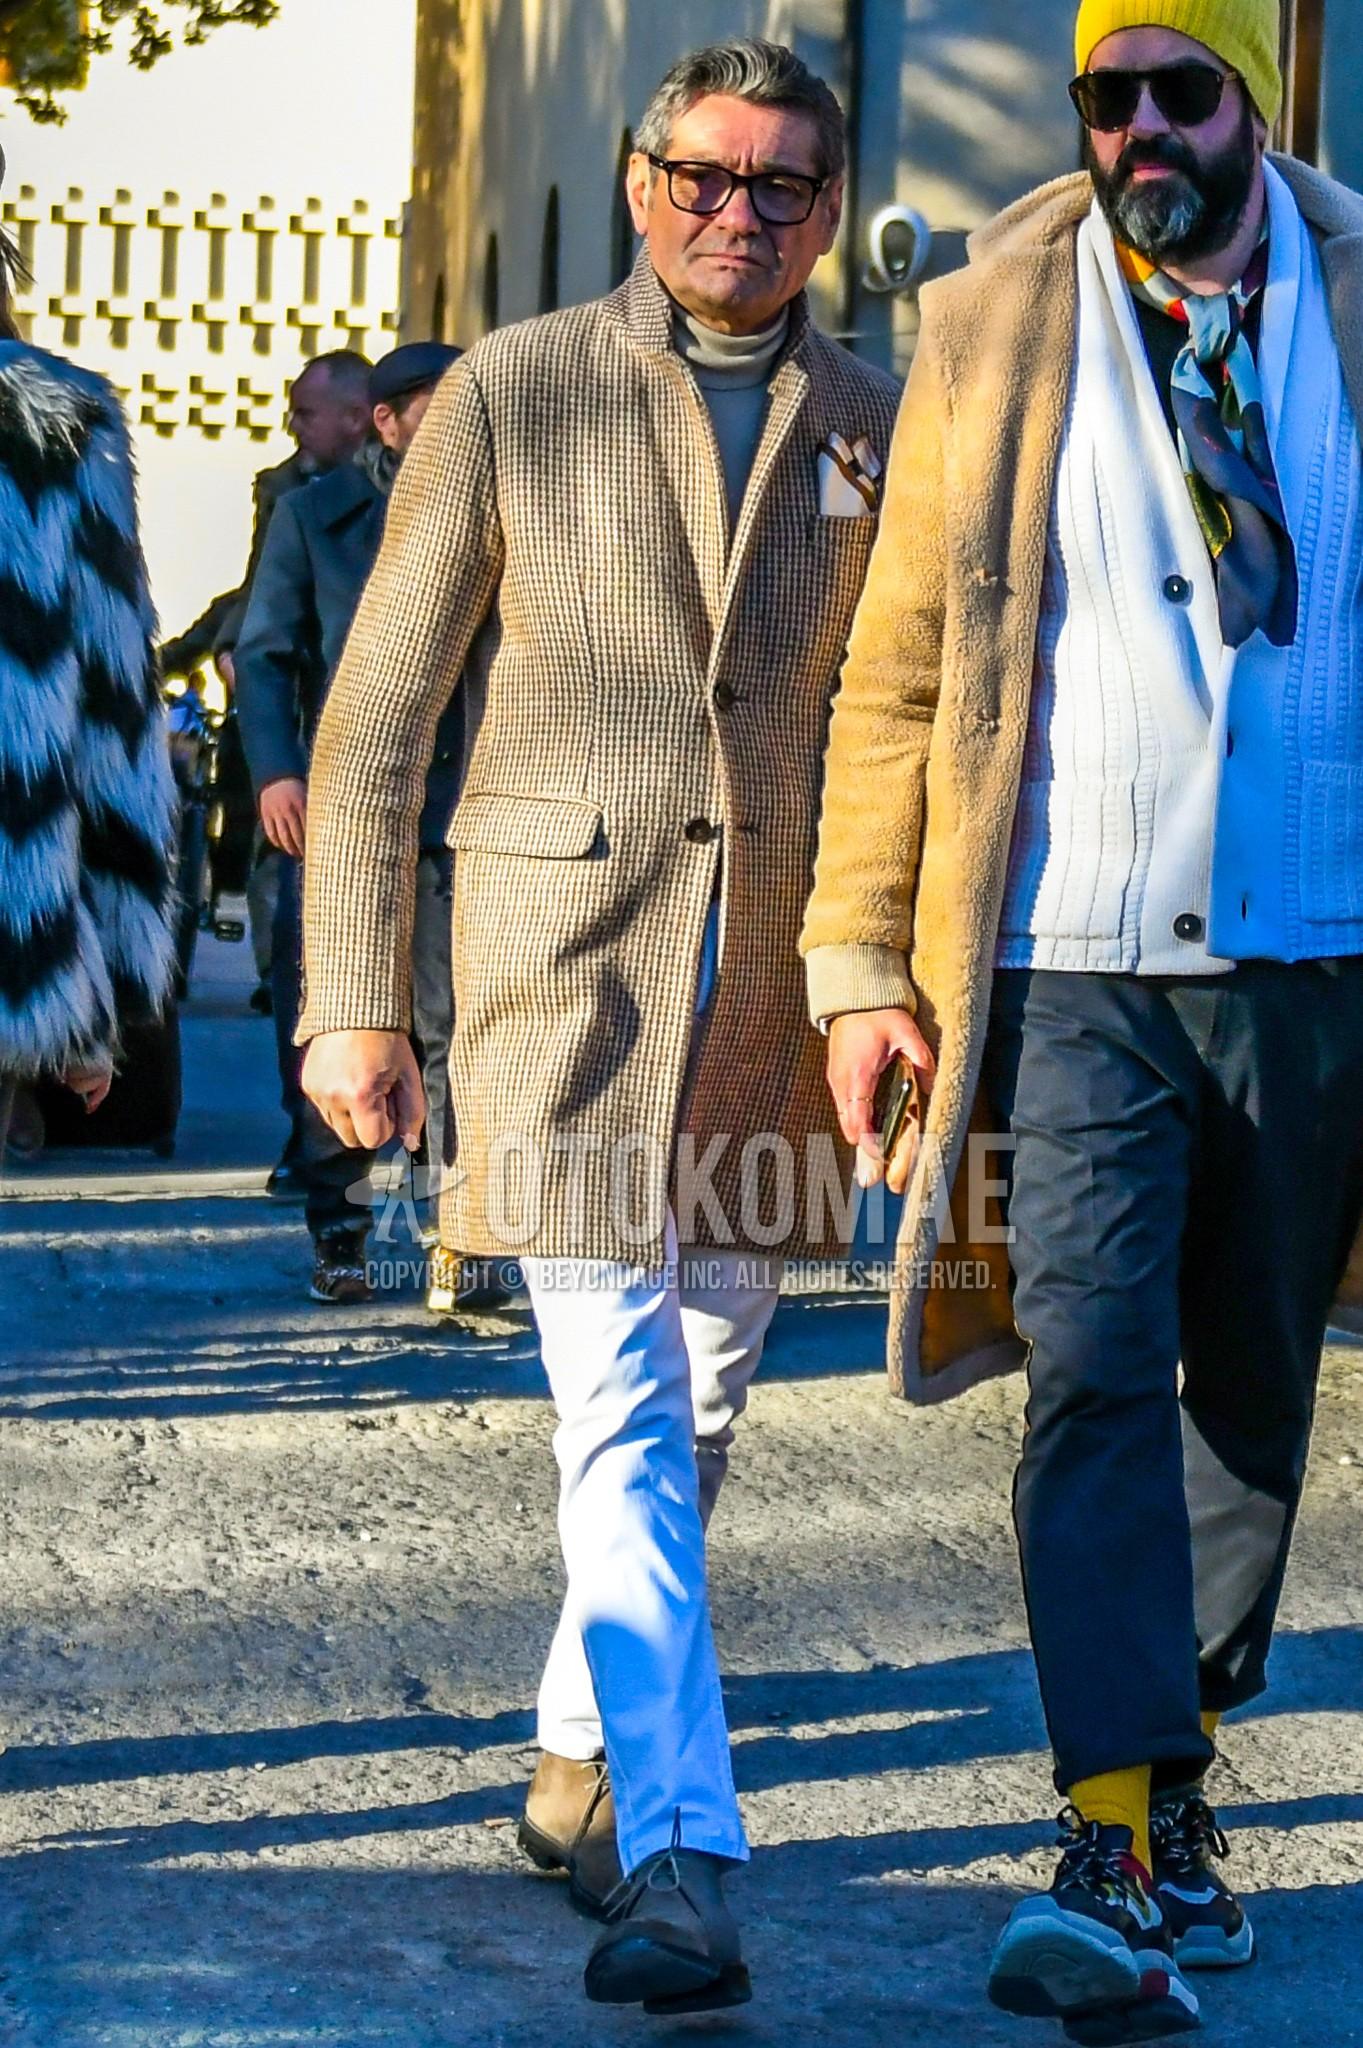 黒無地のメガネ、ベージュチェックのチェスターコート、ベージュ無地のタートルネックニット、白無地のデニム/ジーンズ、スエードのベージュチャッカのブーツを合わせた秋冬のメンズコーデ・着こなし。